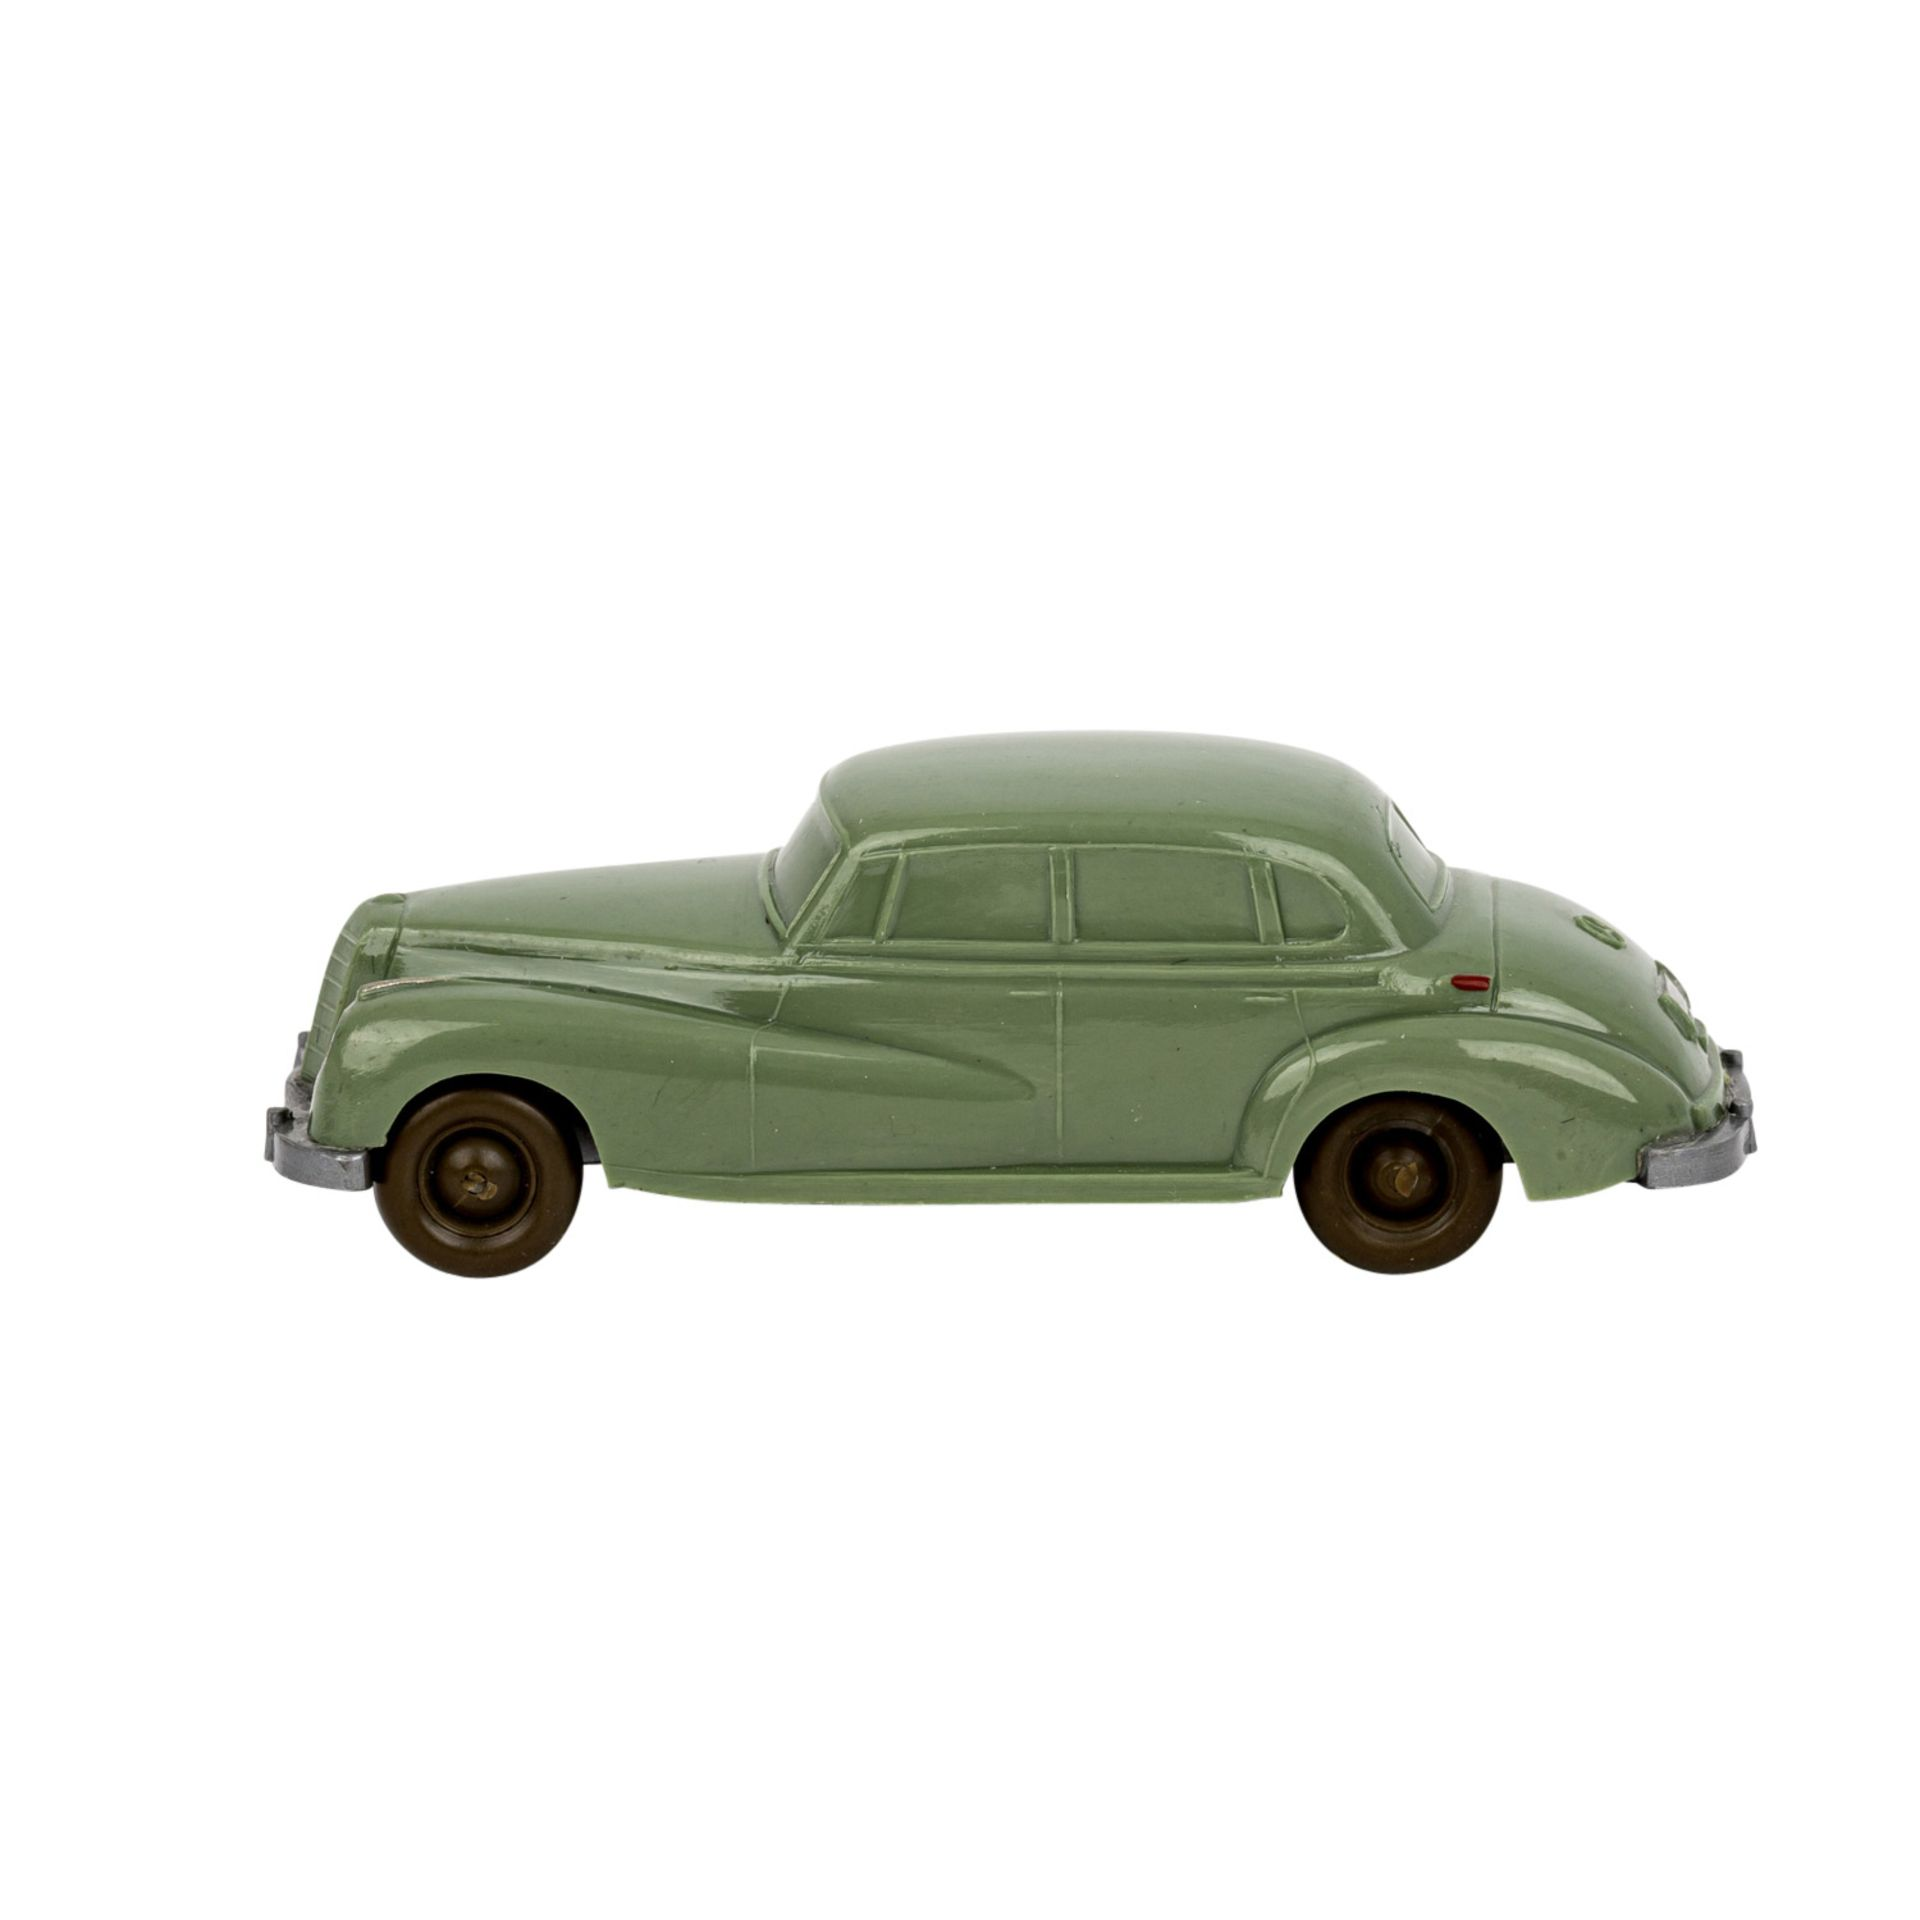 WIKING Mercedes 300, 1955-59,unverglaster Rollachser, resedagrüne Karosserie, Bodenpr - Image 2 of 5